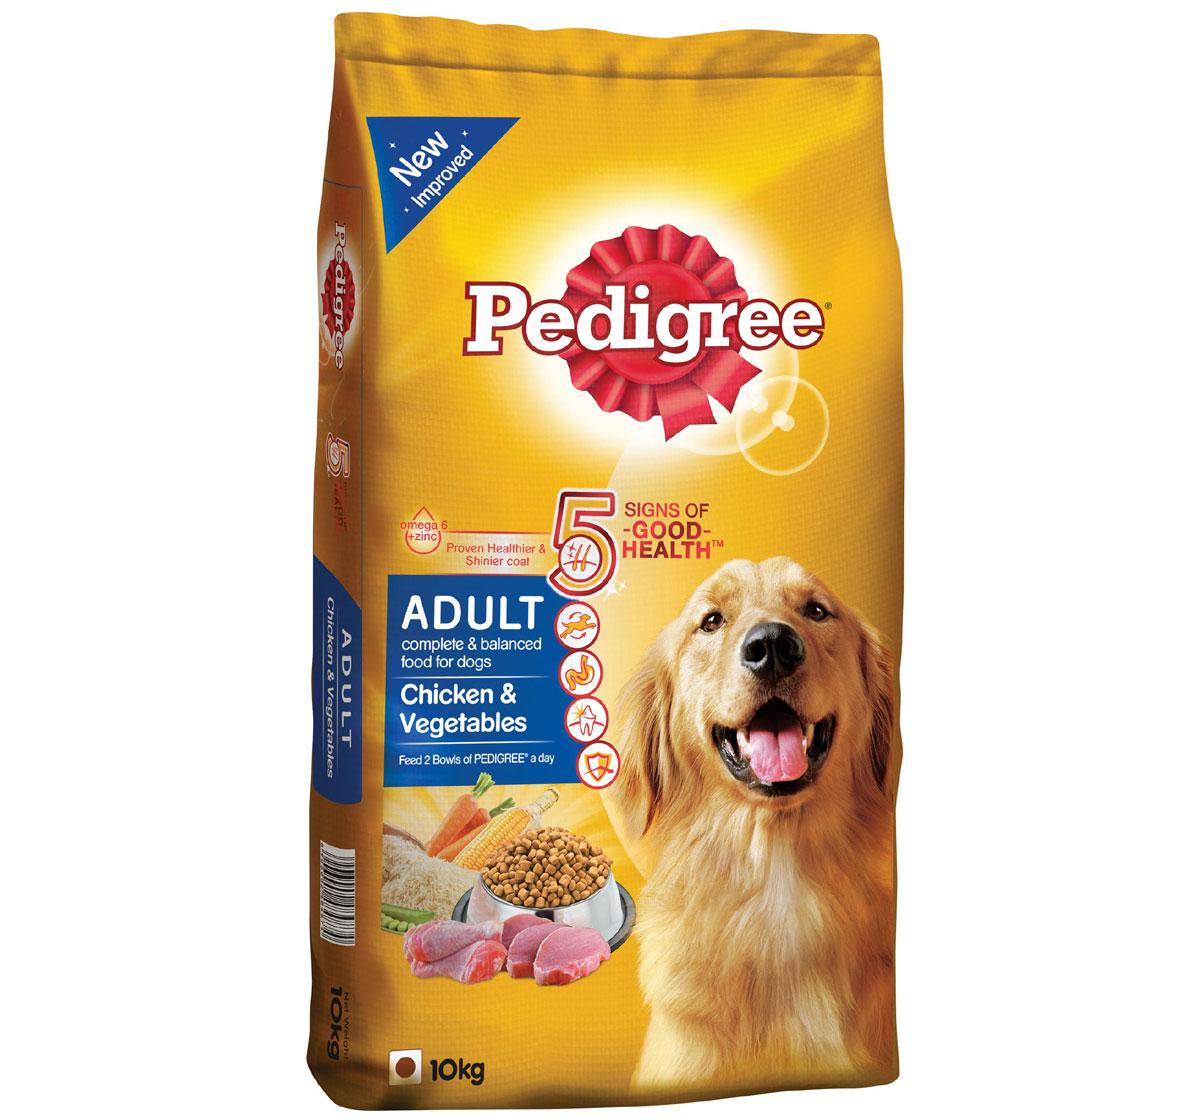 Pedigree Adult Dog Food Chicken & Vegetables -  10 Kg